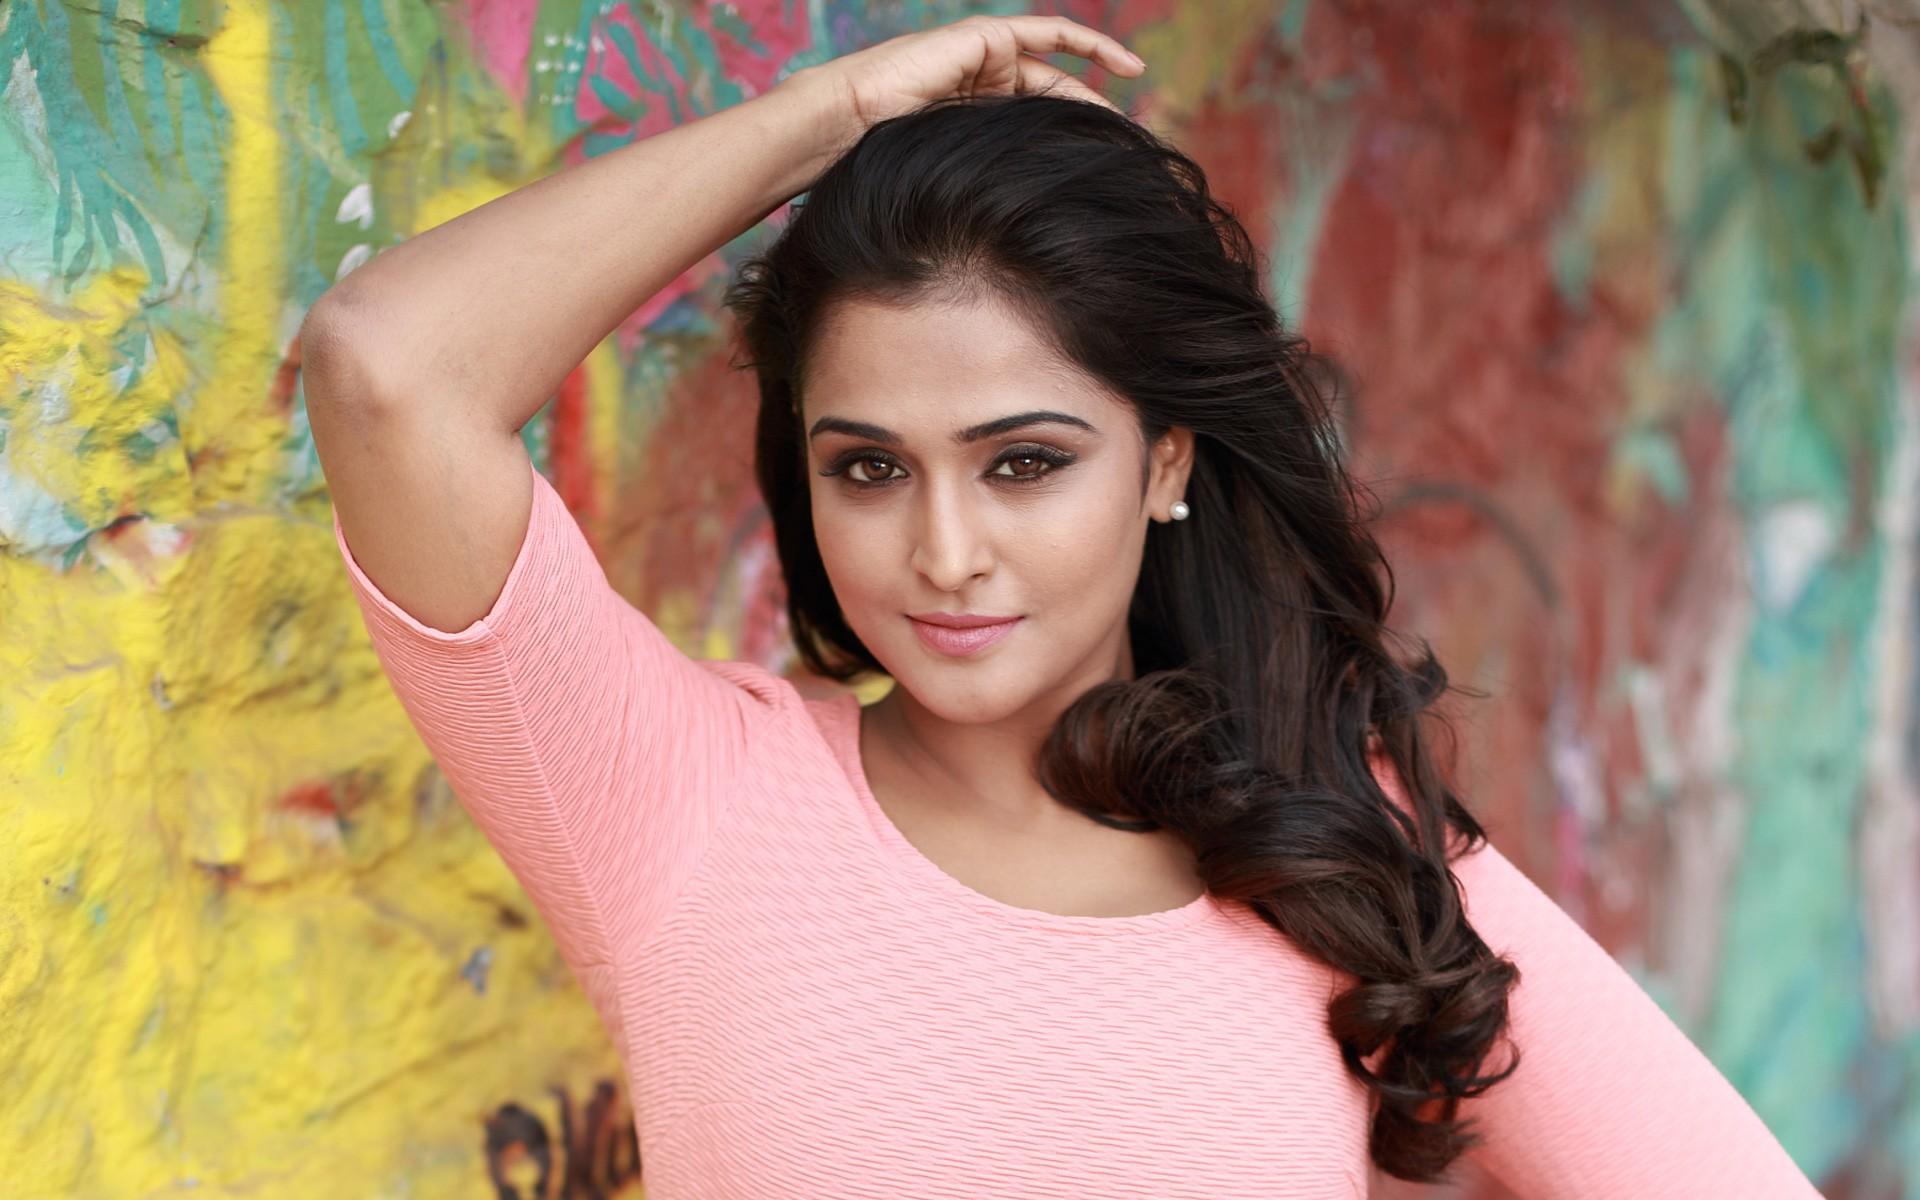 Cute Baby Wallpaper Hd 1080p Actress Remya Nambeesan Wallpapers Hd Wallpapers Id 17244